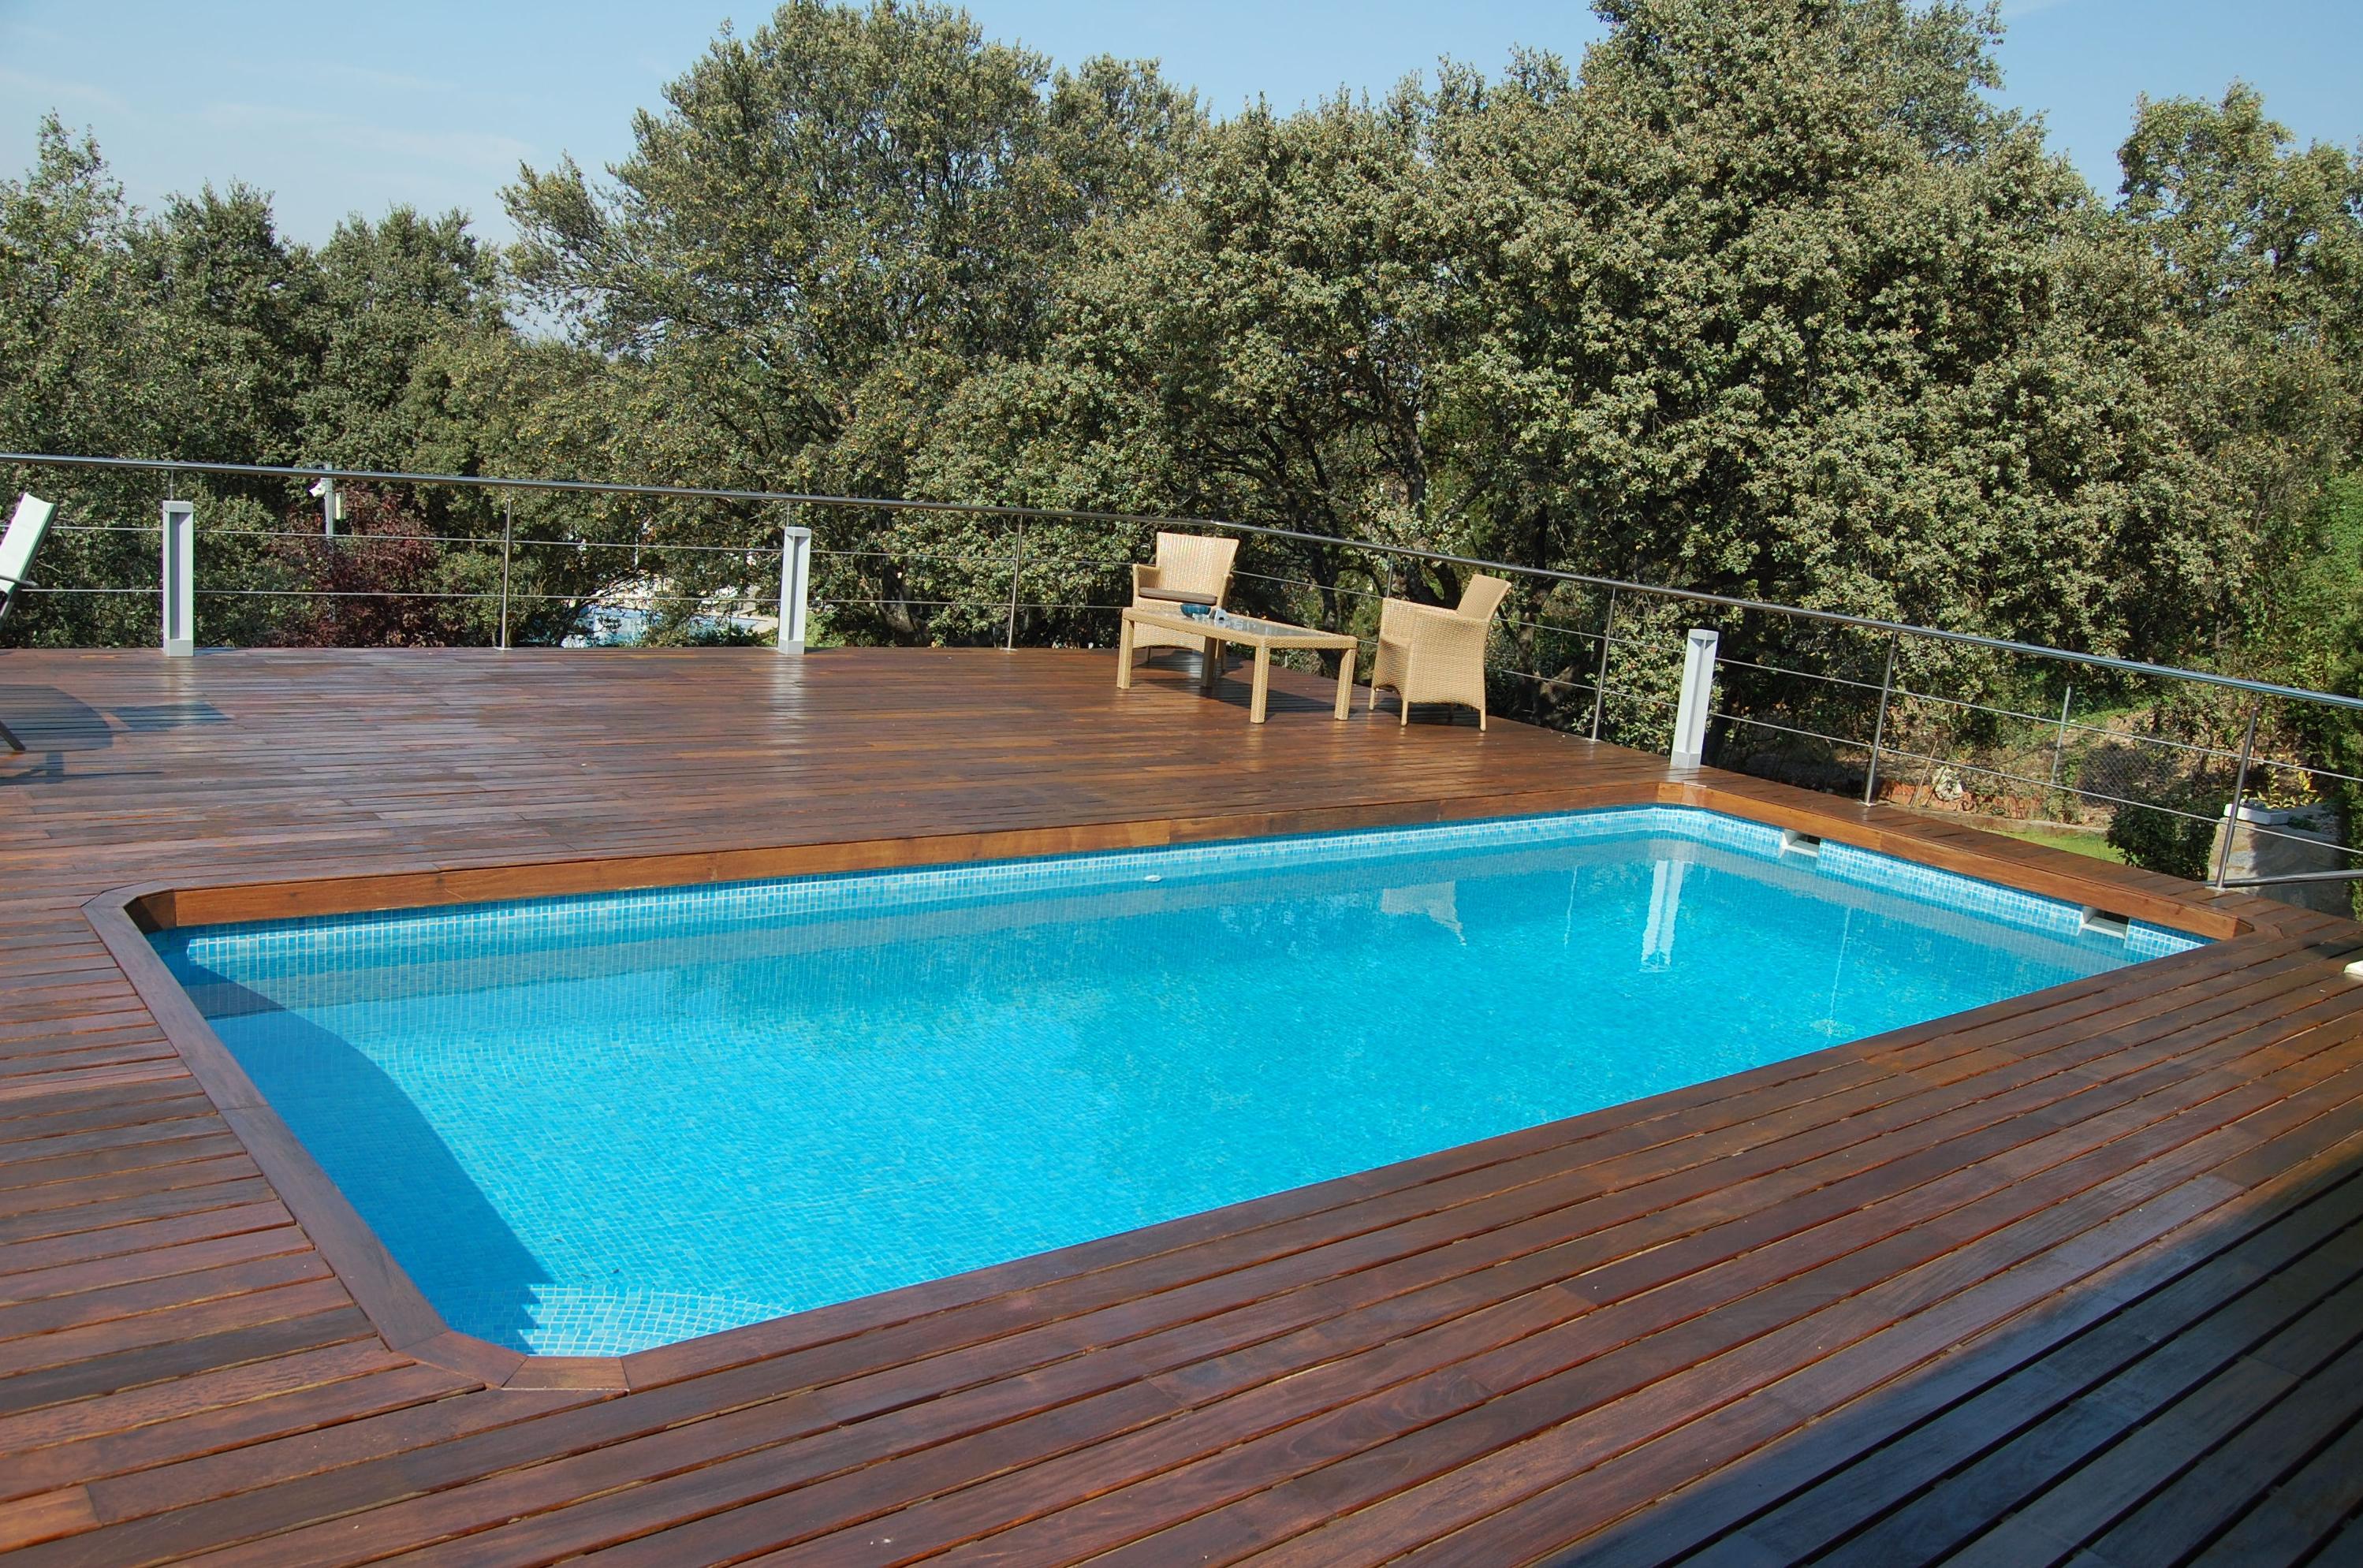 Foto 55 de piscinas instalaci n y mantenimiento en san for Piscinas sin obra